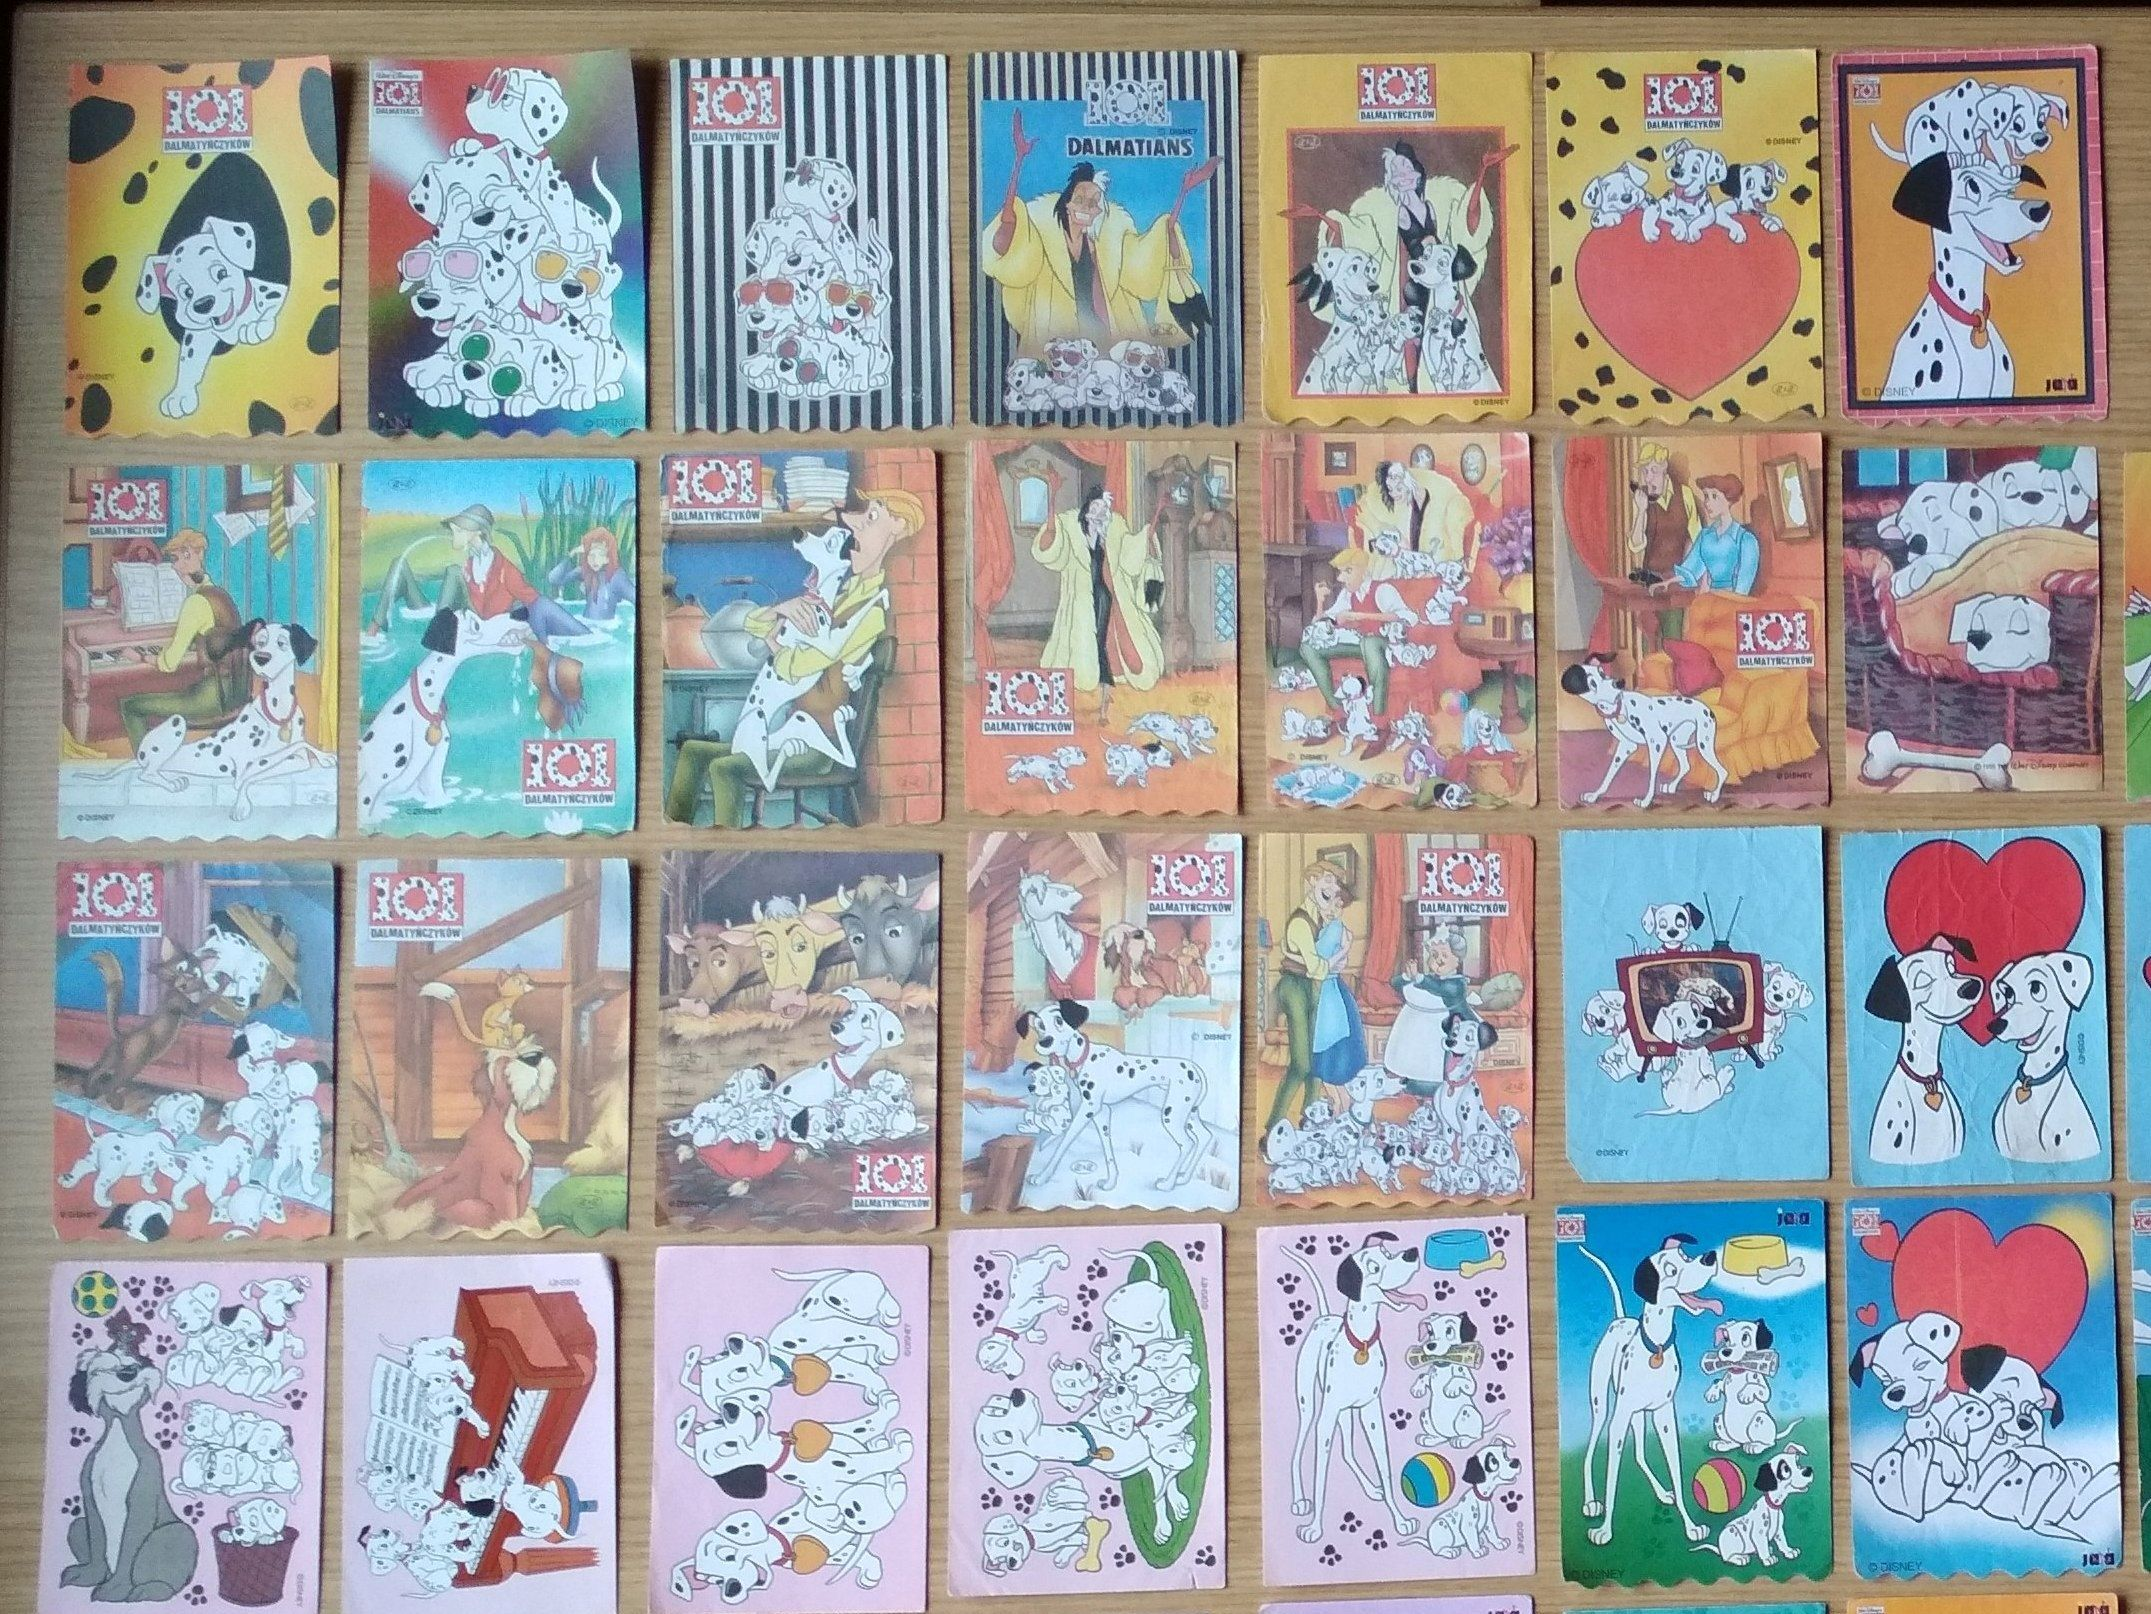 Karteczki Lata 90 Te Disney Na Sztuki 2 With Images Disney